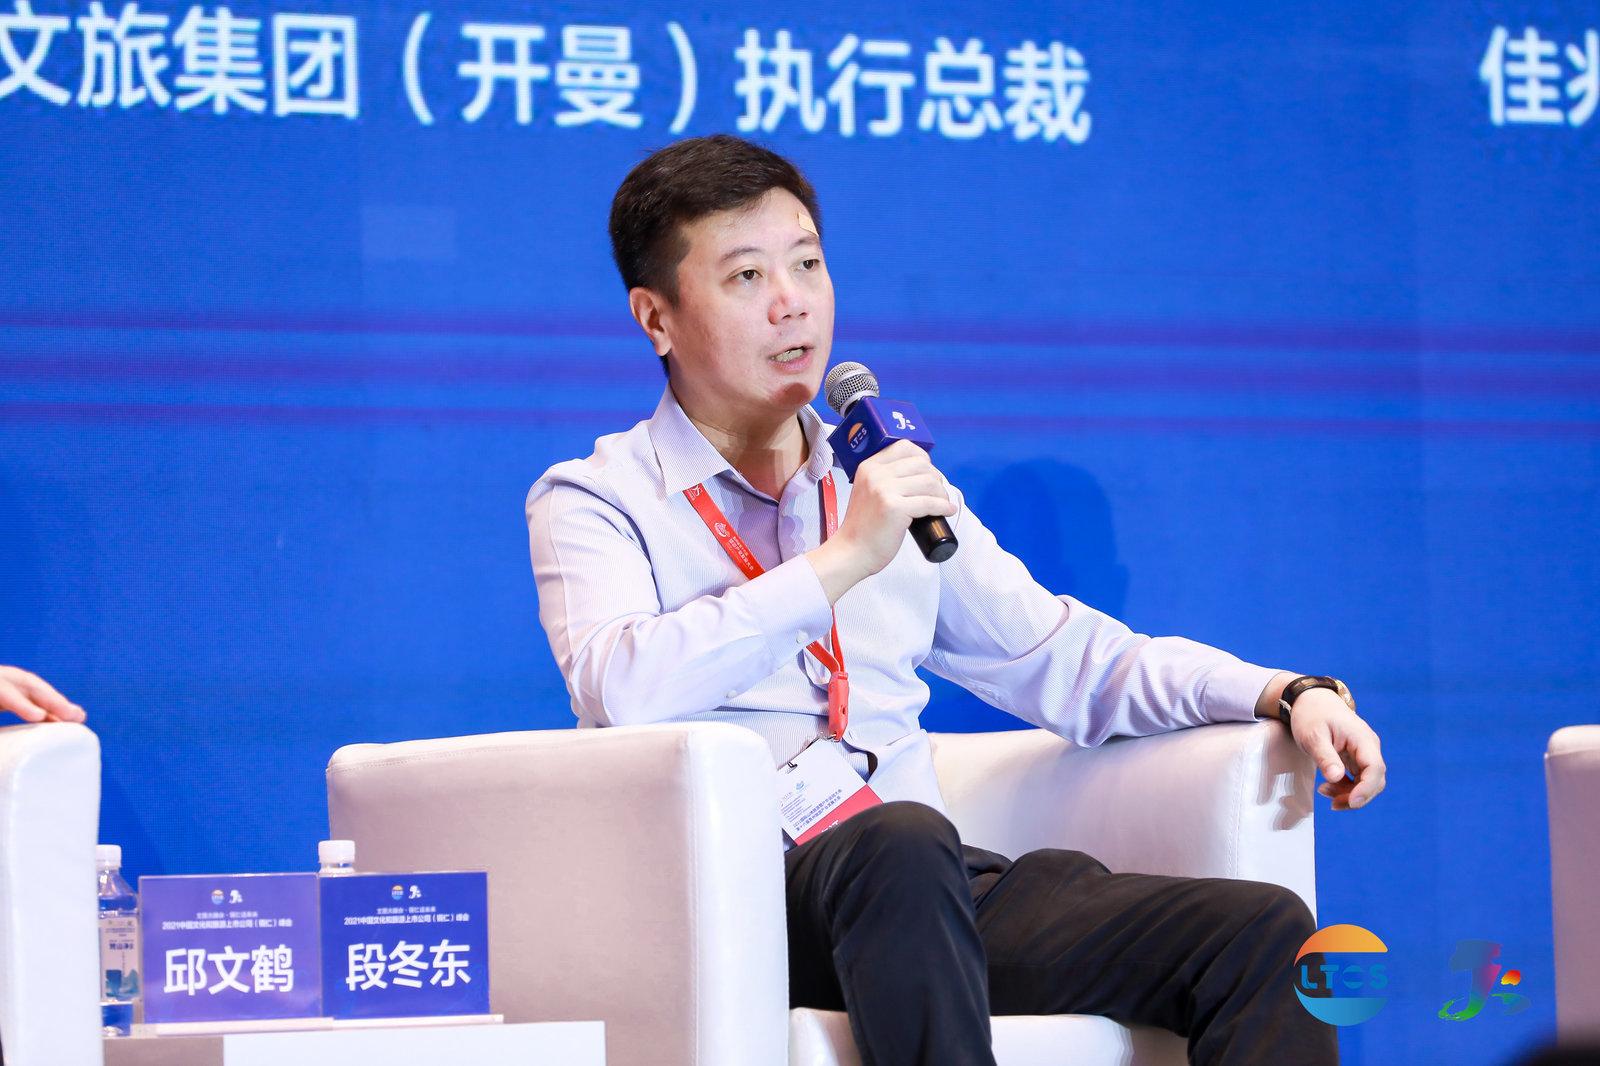 集智聚力促文旅 2021中国文化和旅游上市公司(铜仁)峰会成功举行